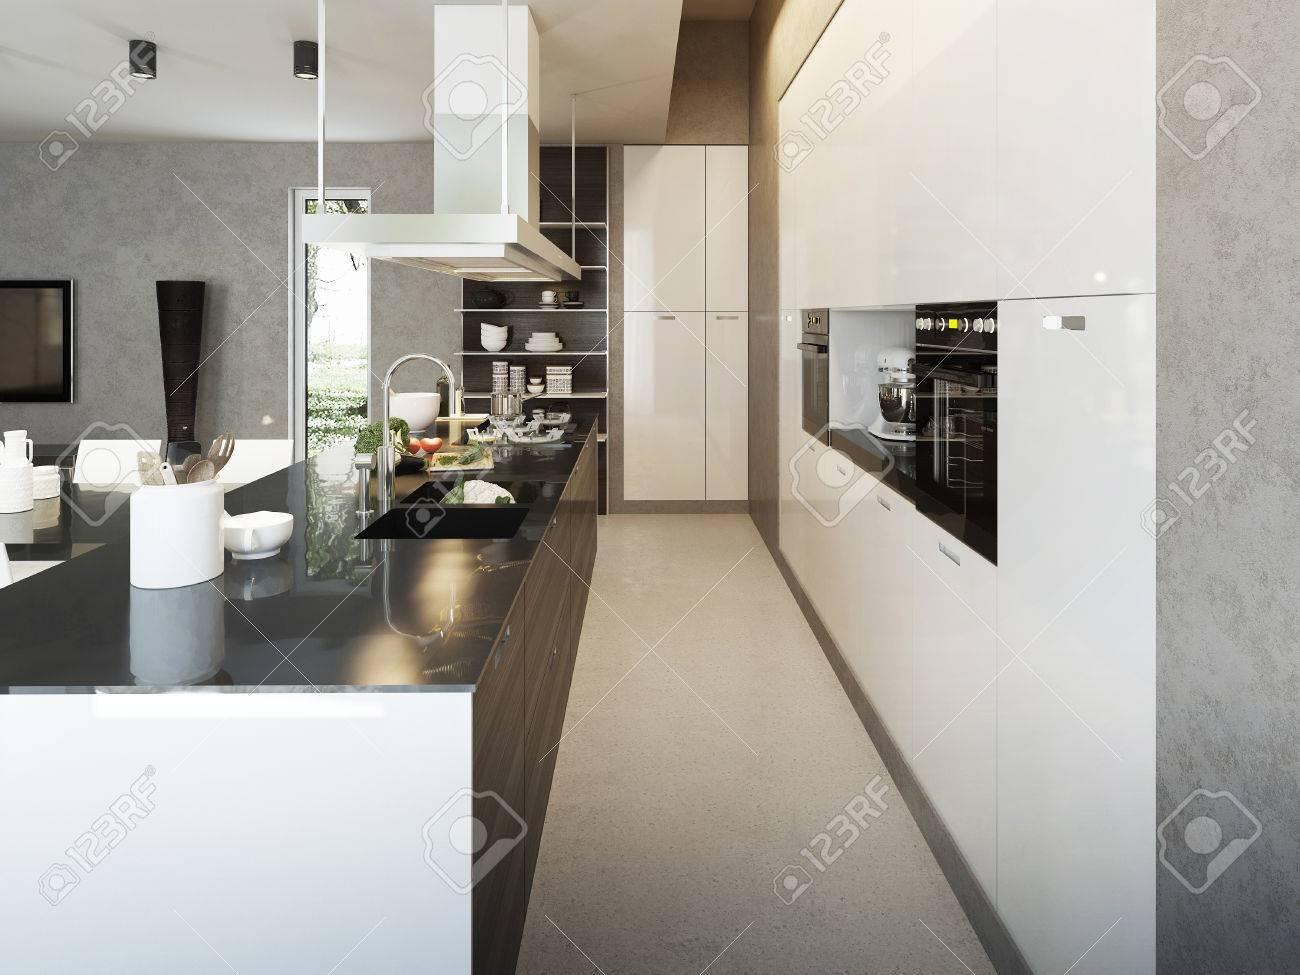 Küche Zeitgenössischen Stil, 3D-Bilder Lizenzfreie Fotos, Bilder Und ...